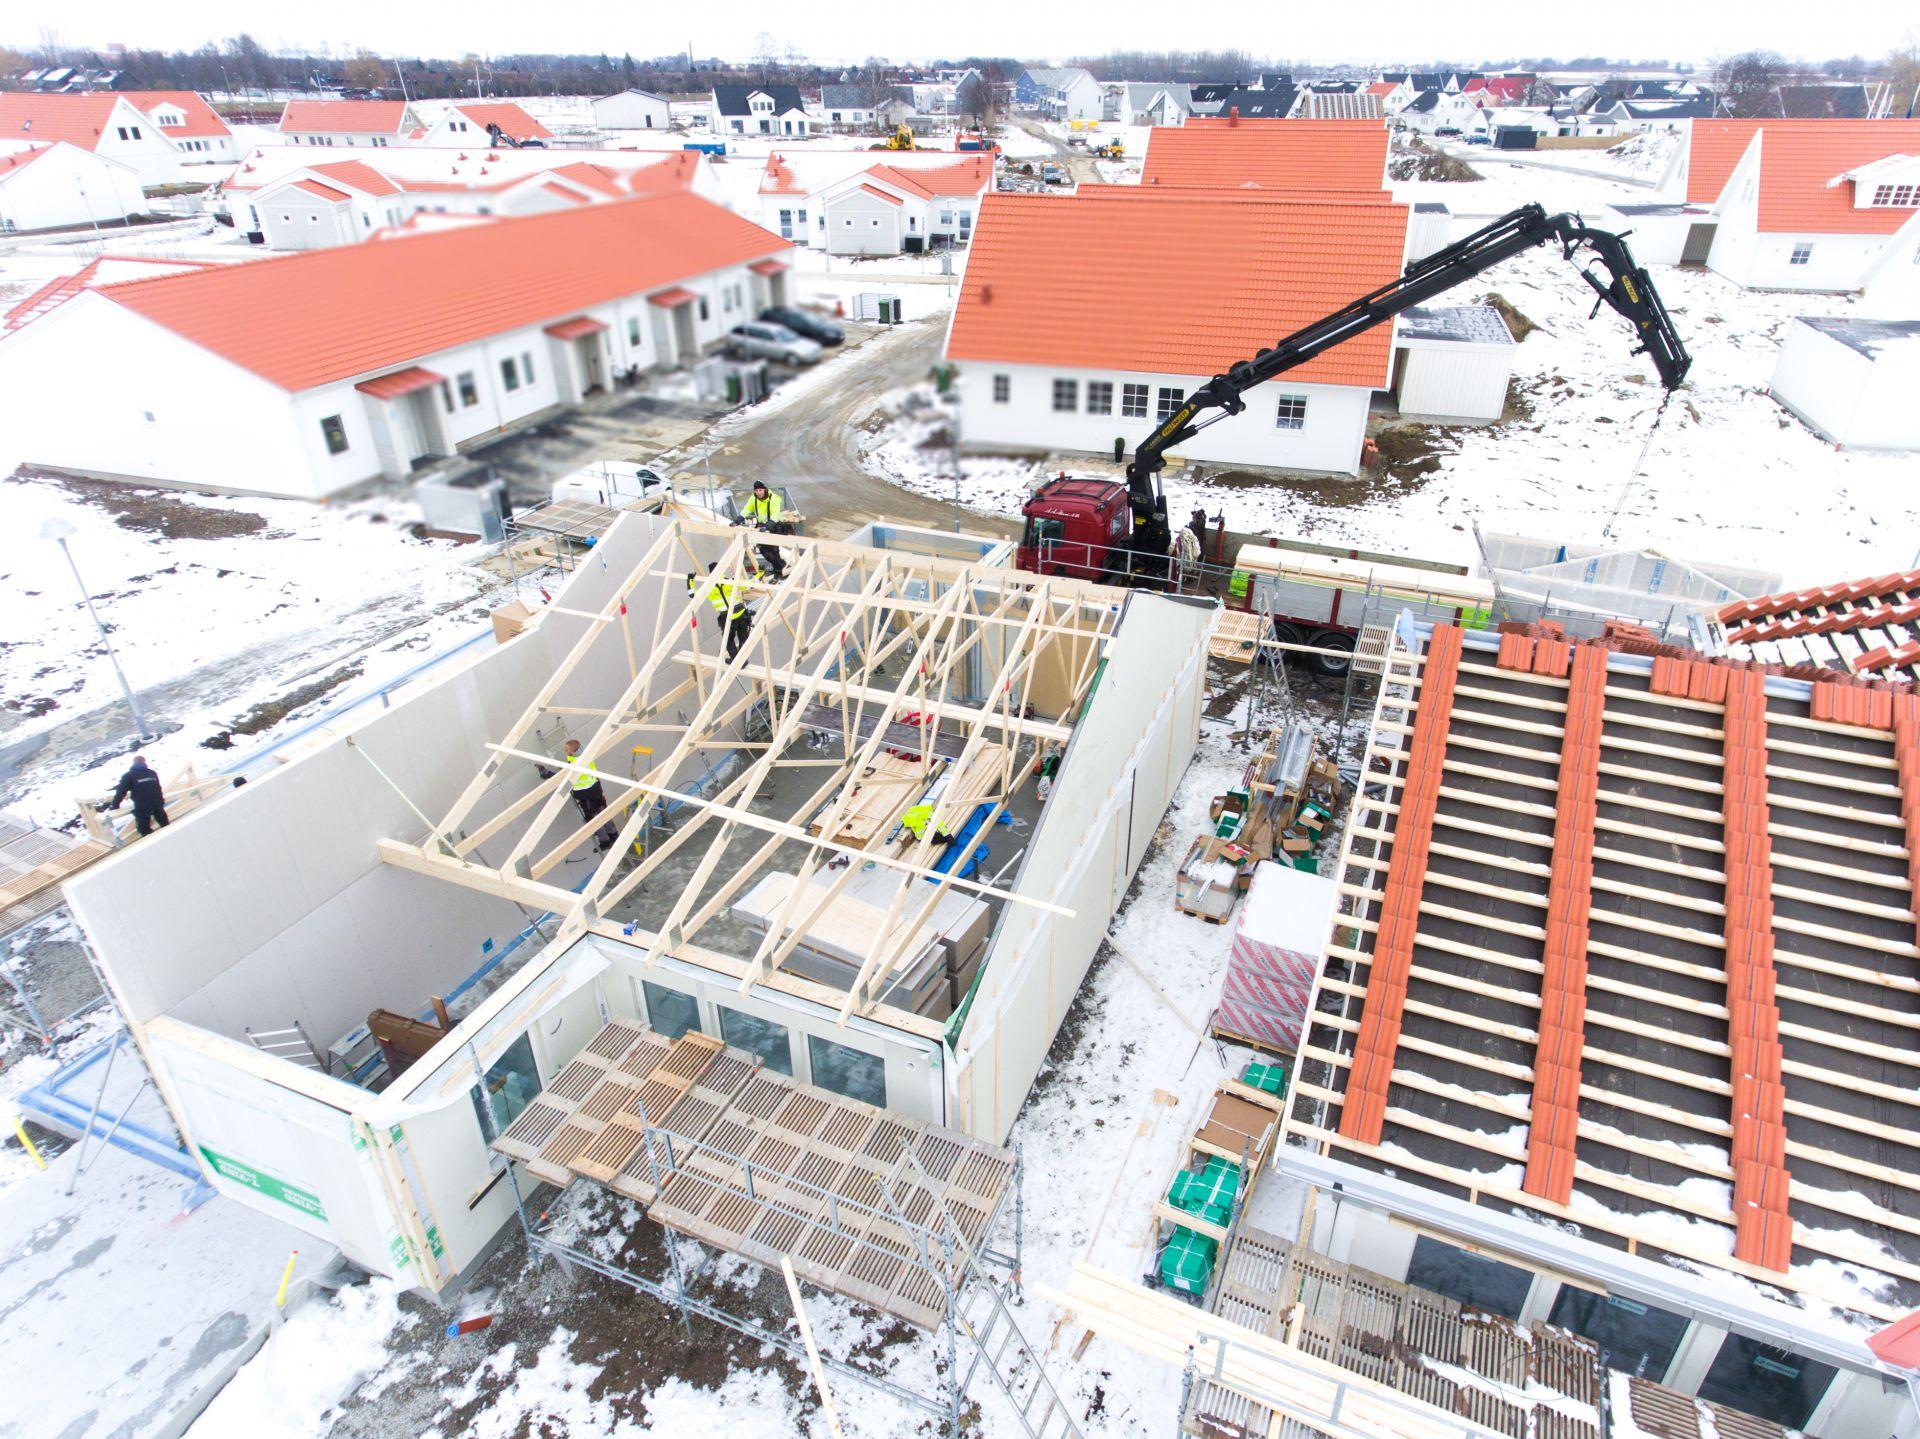 Bjäre Entreprenad har utfört grundläggning och finplanering för ett 20-tal radhus. Bild på uppbyggnad utav ett radhus